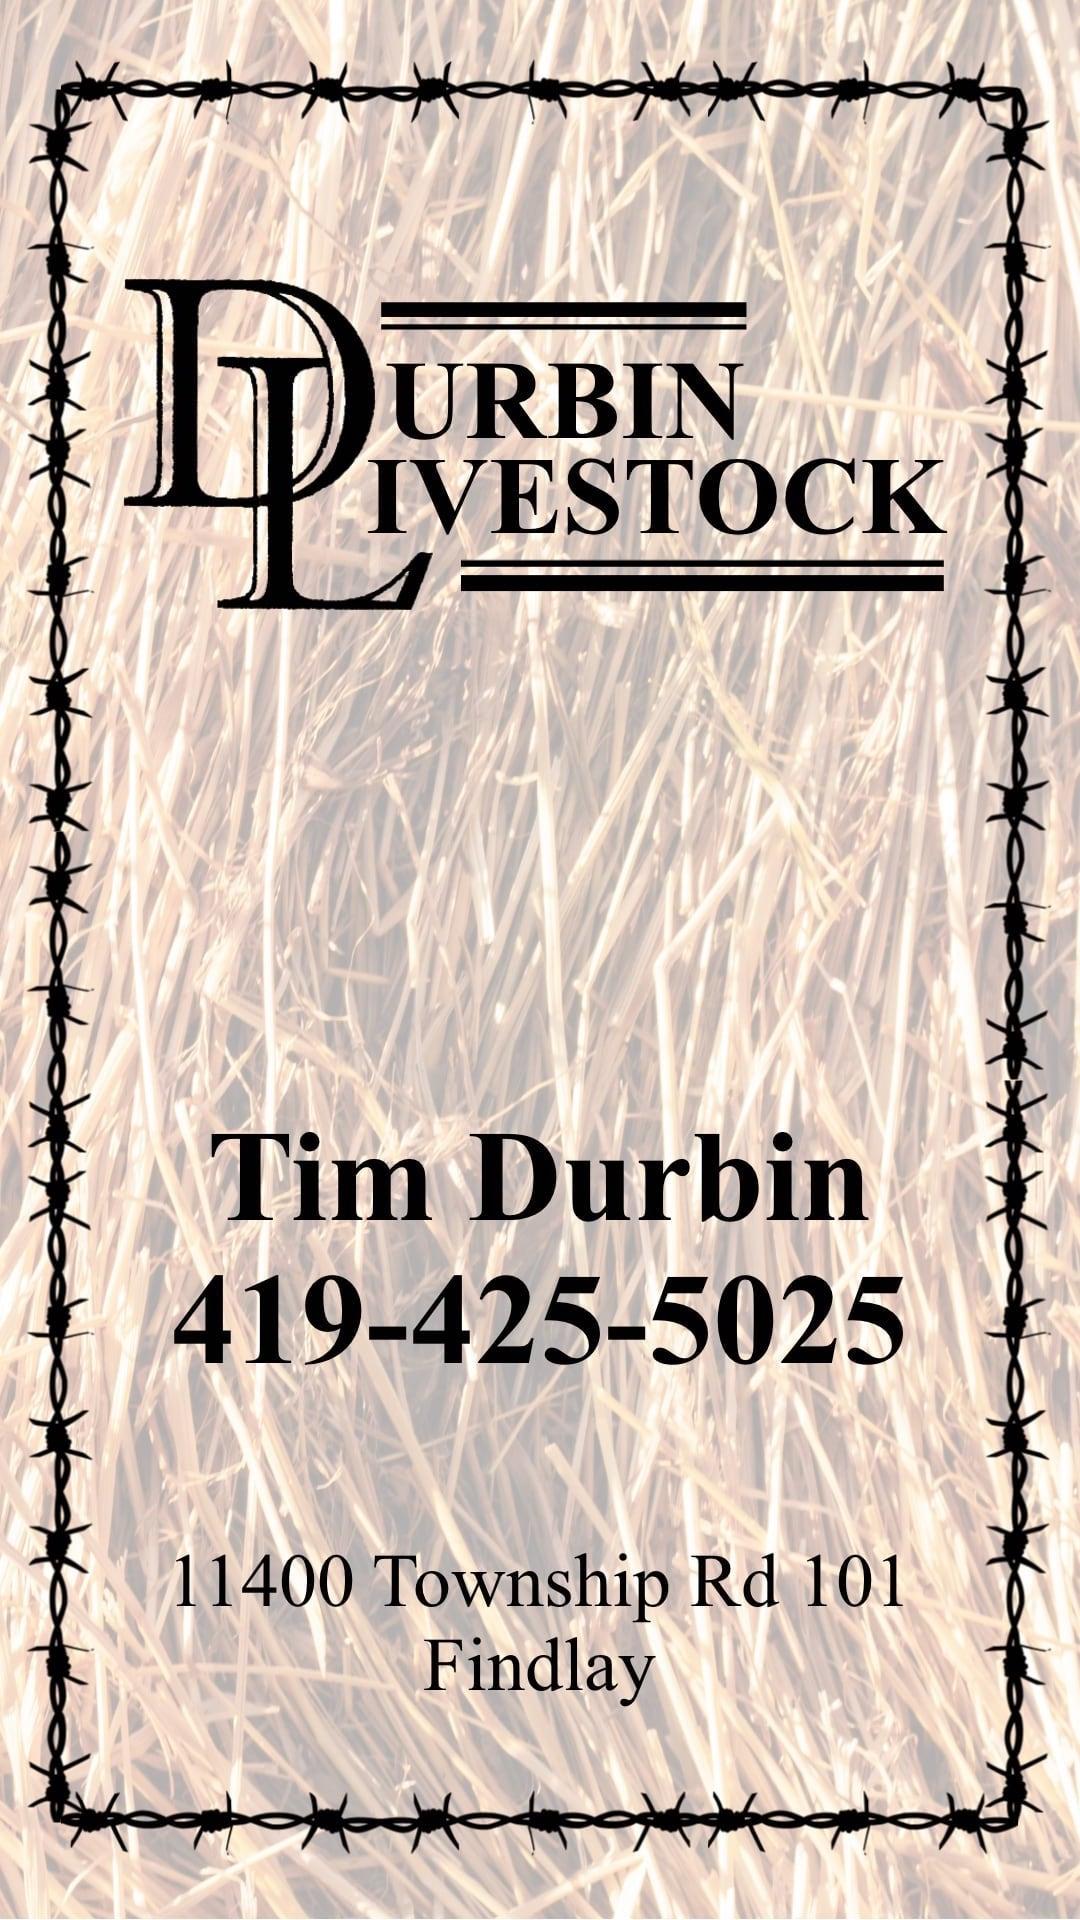 Durbin Livestock Ad